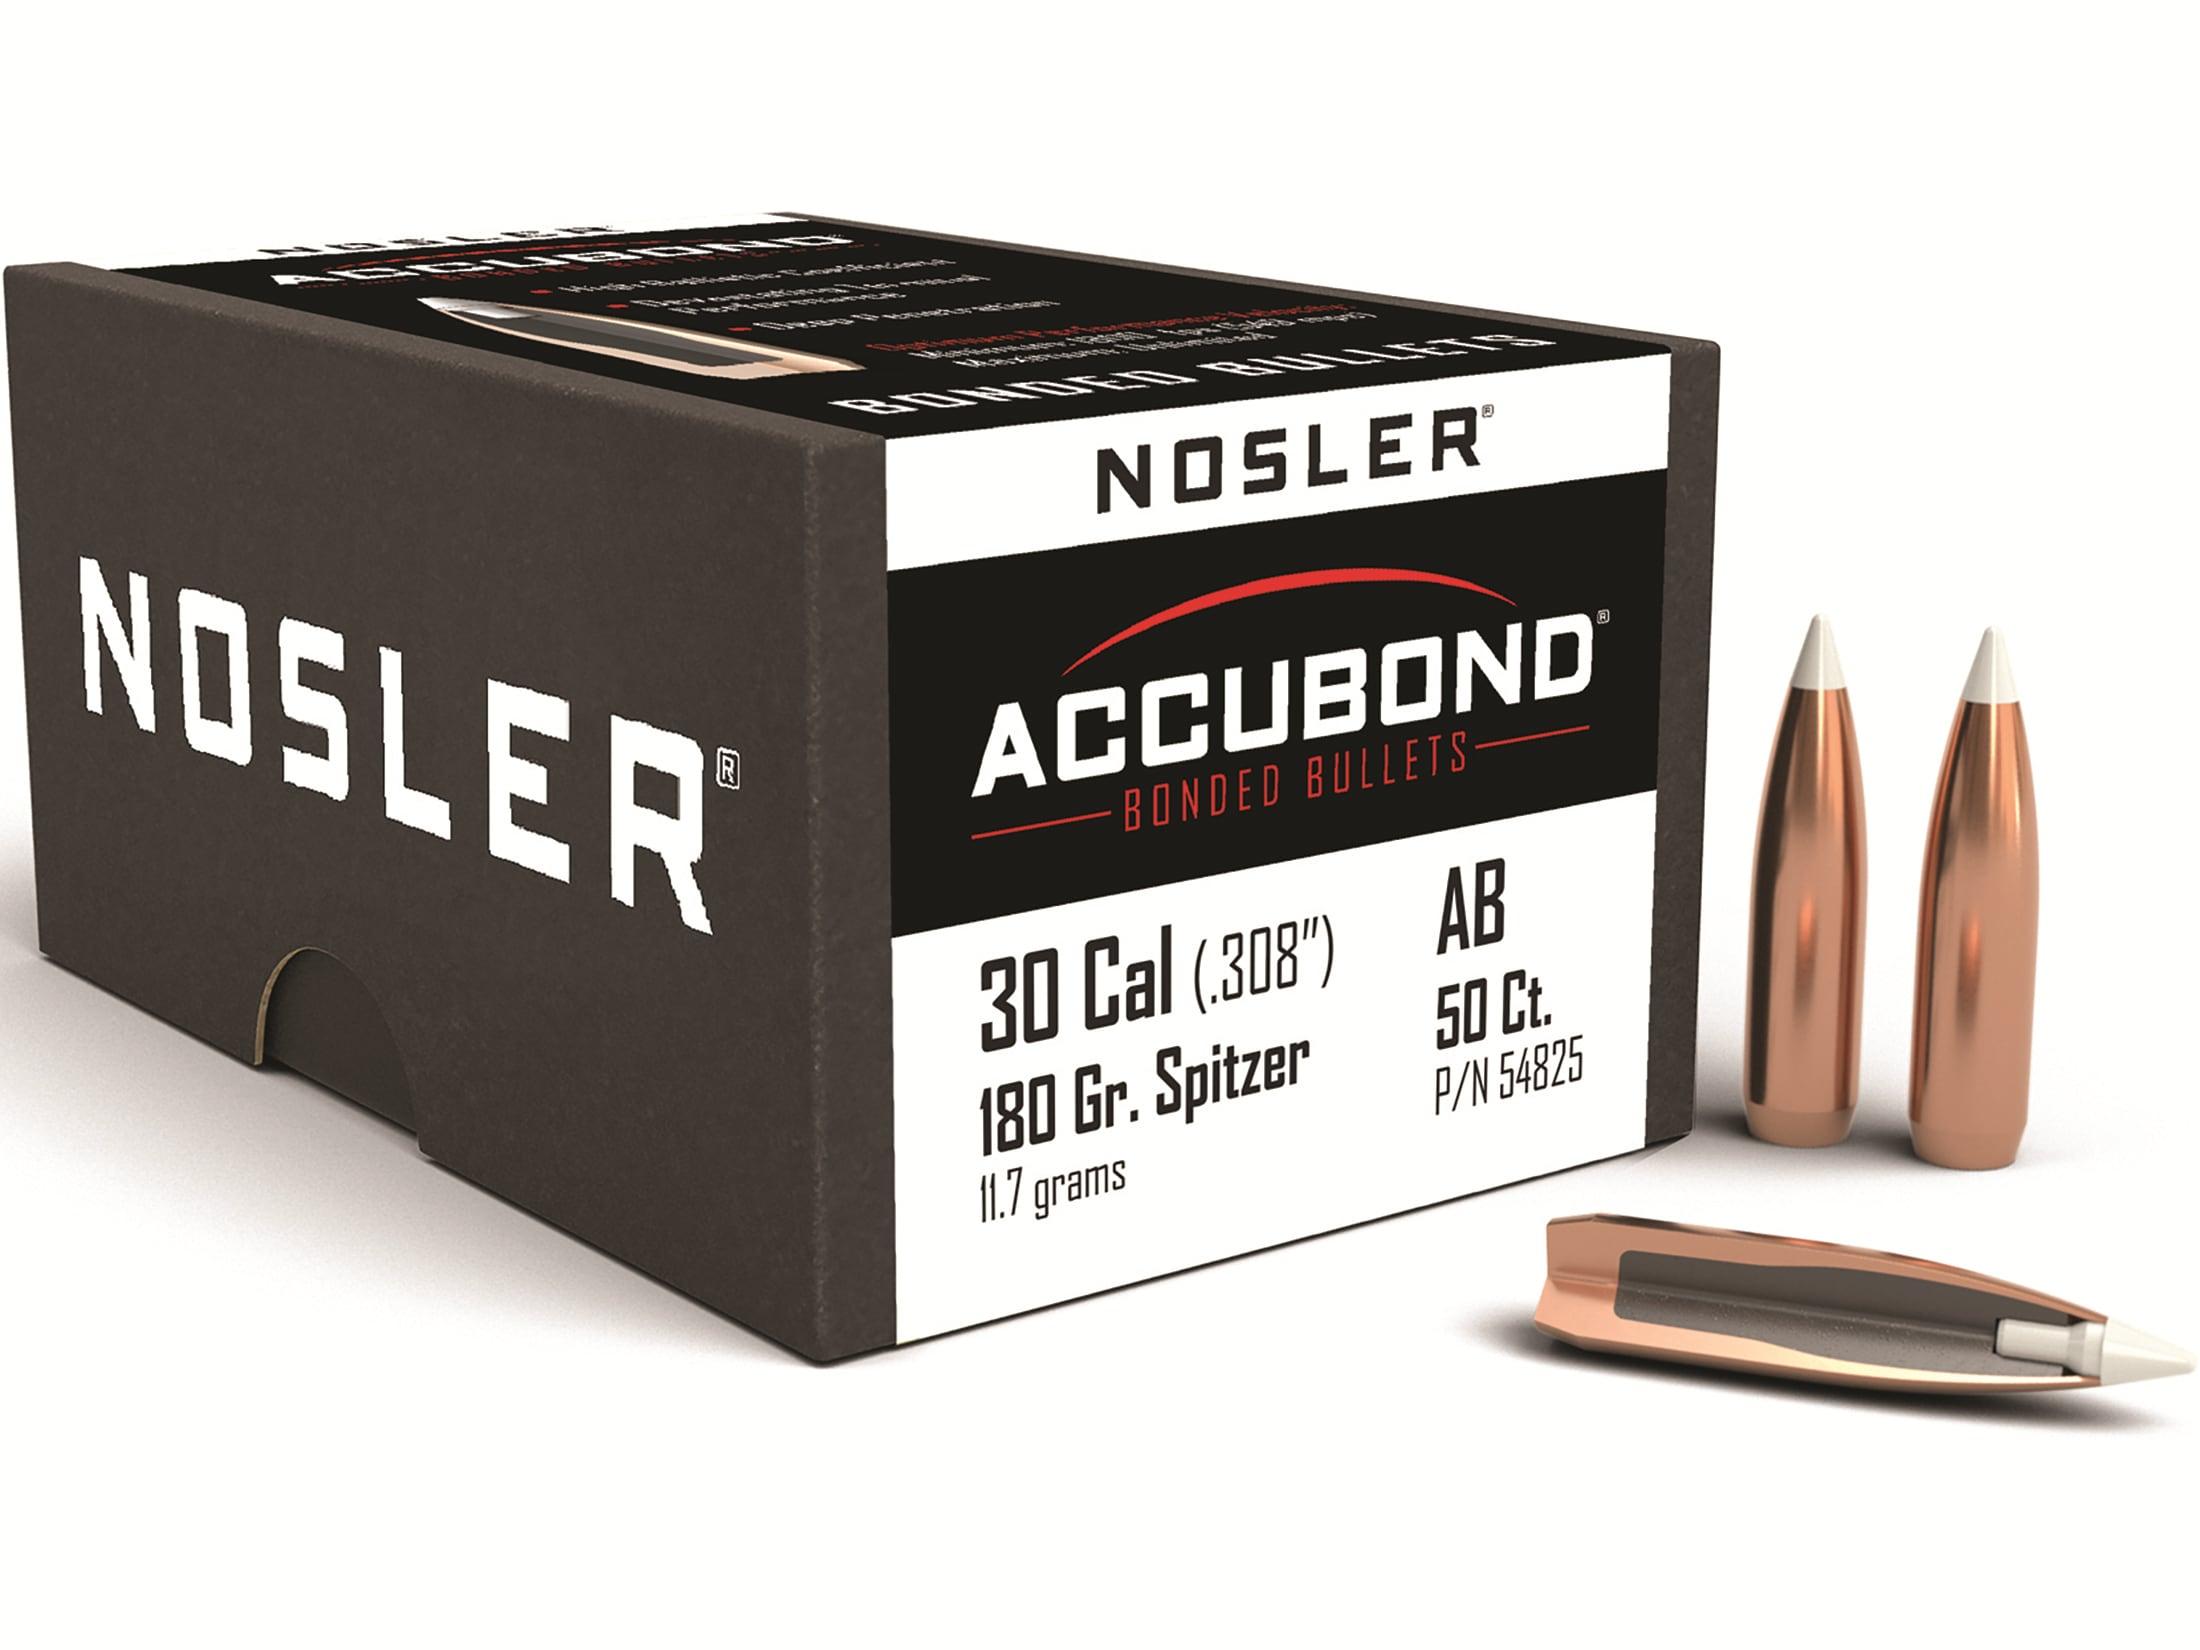 Nosler AccuBond Bullets 30 Cal (308 Diameter) 180 Grain Bonded Spitzer